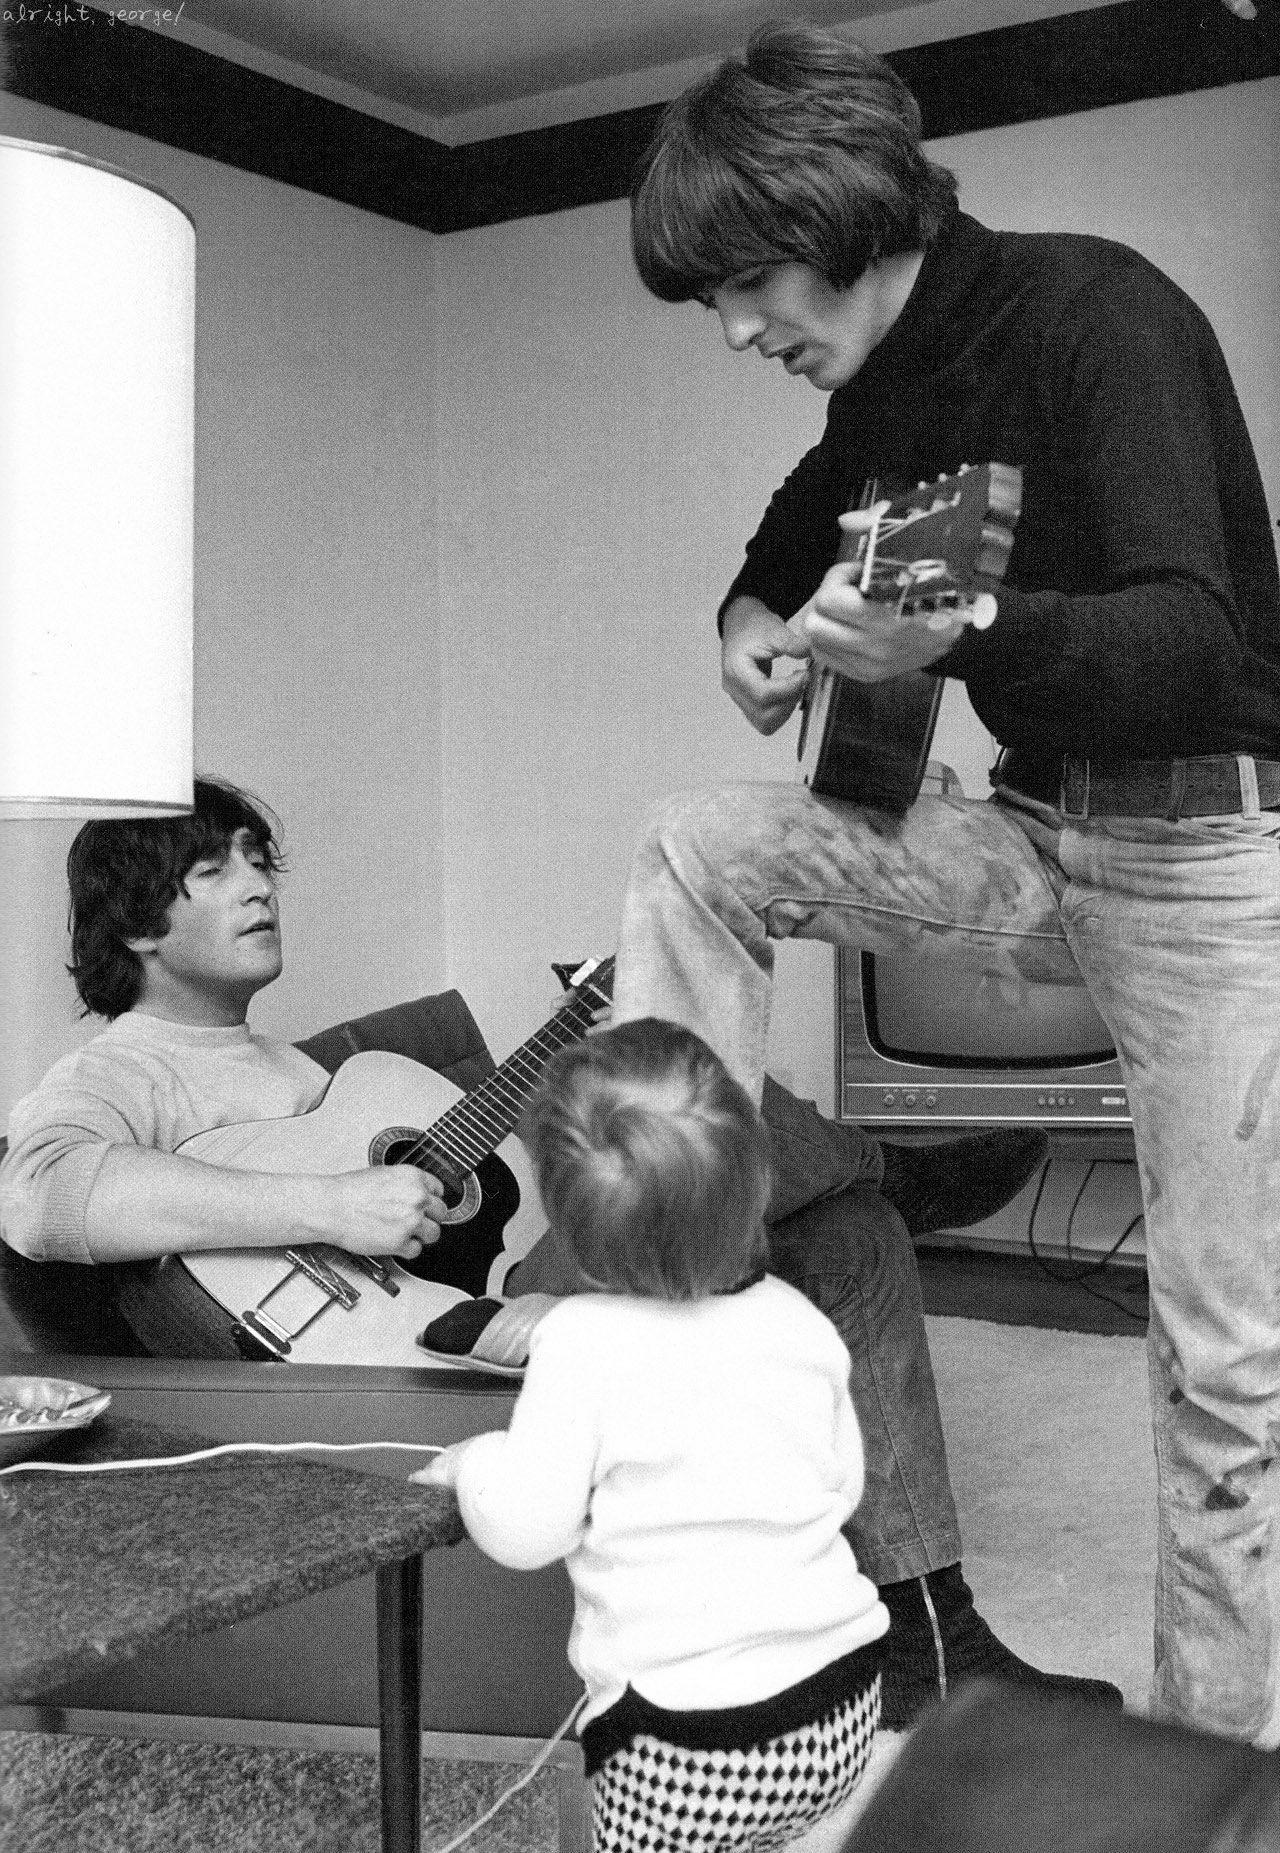 John & Julian Lennon and George Harrison, photo by Henry Grossman